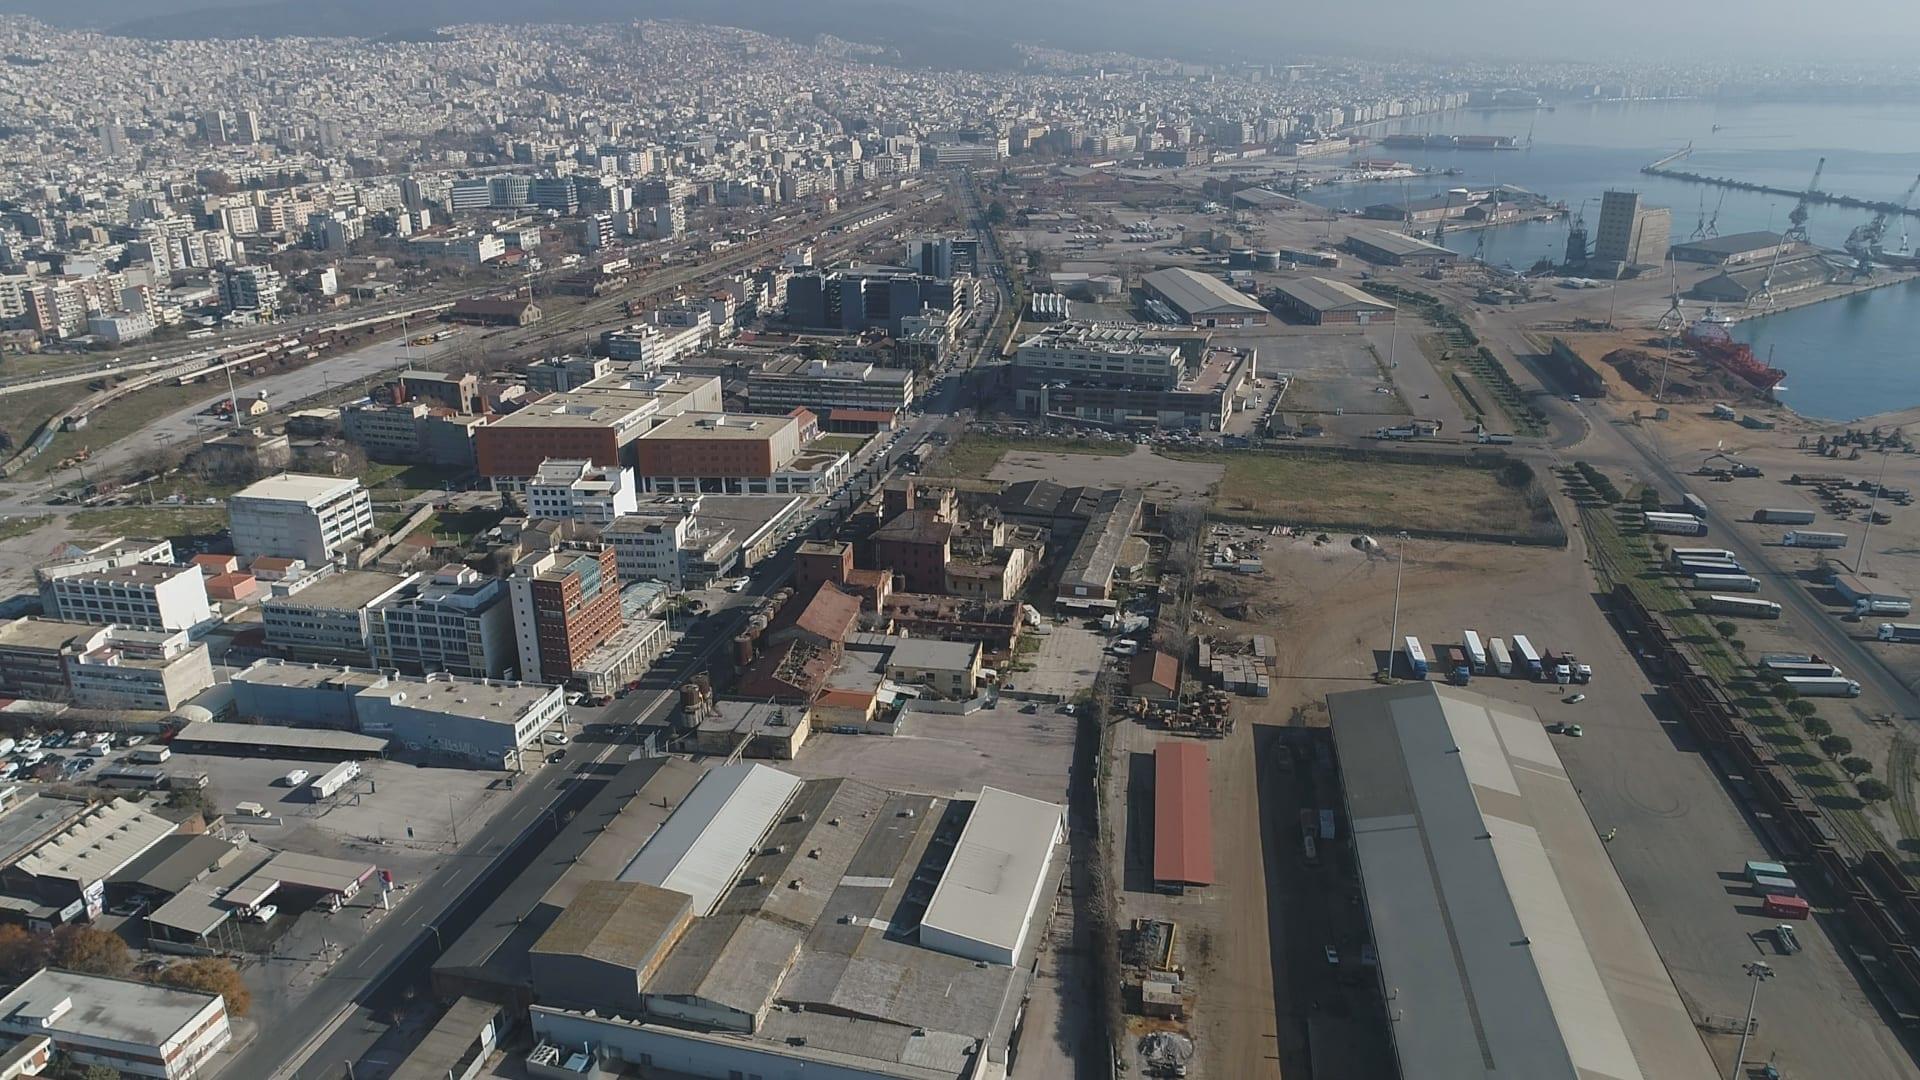 Arxellence 2 Competition area 1 - ArXellence 2: participare impresionantă la Competiția de Arhitectură realizată de ALUMIL pentru crearea noului Central Business District (CBD) din Salonic, Grecia